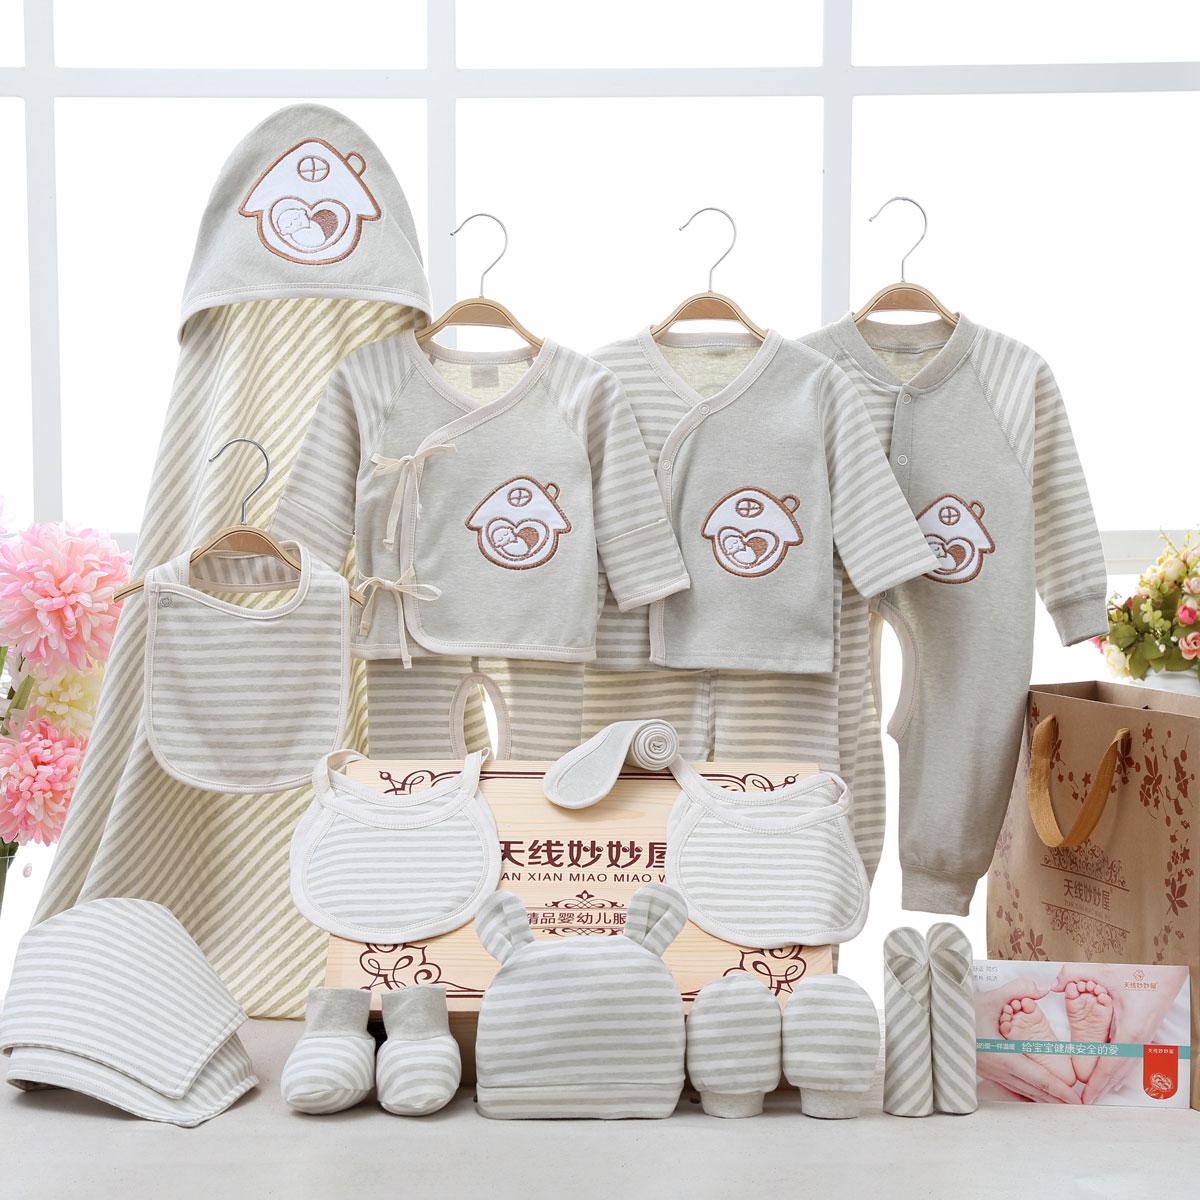 嬰兒禮盒新生兒衣服套裝春夏四季純棉寶寶用品母嬰用品滿月夏禮物